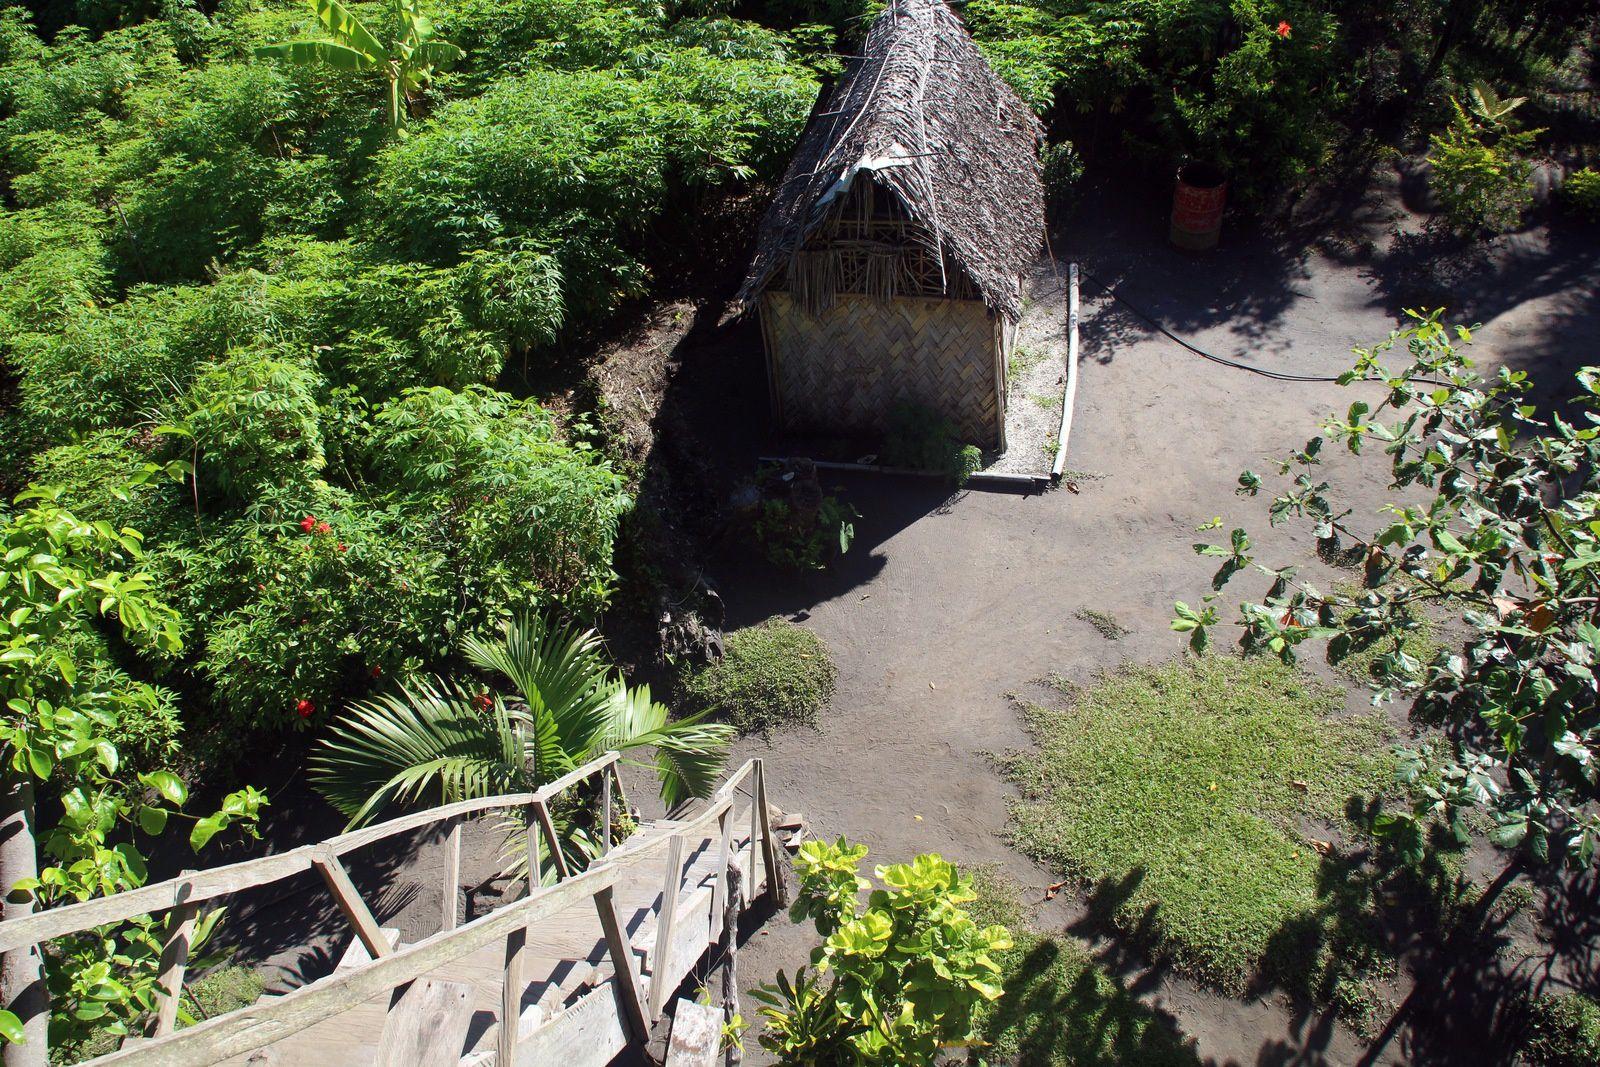 Le banian castle bungalow